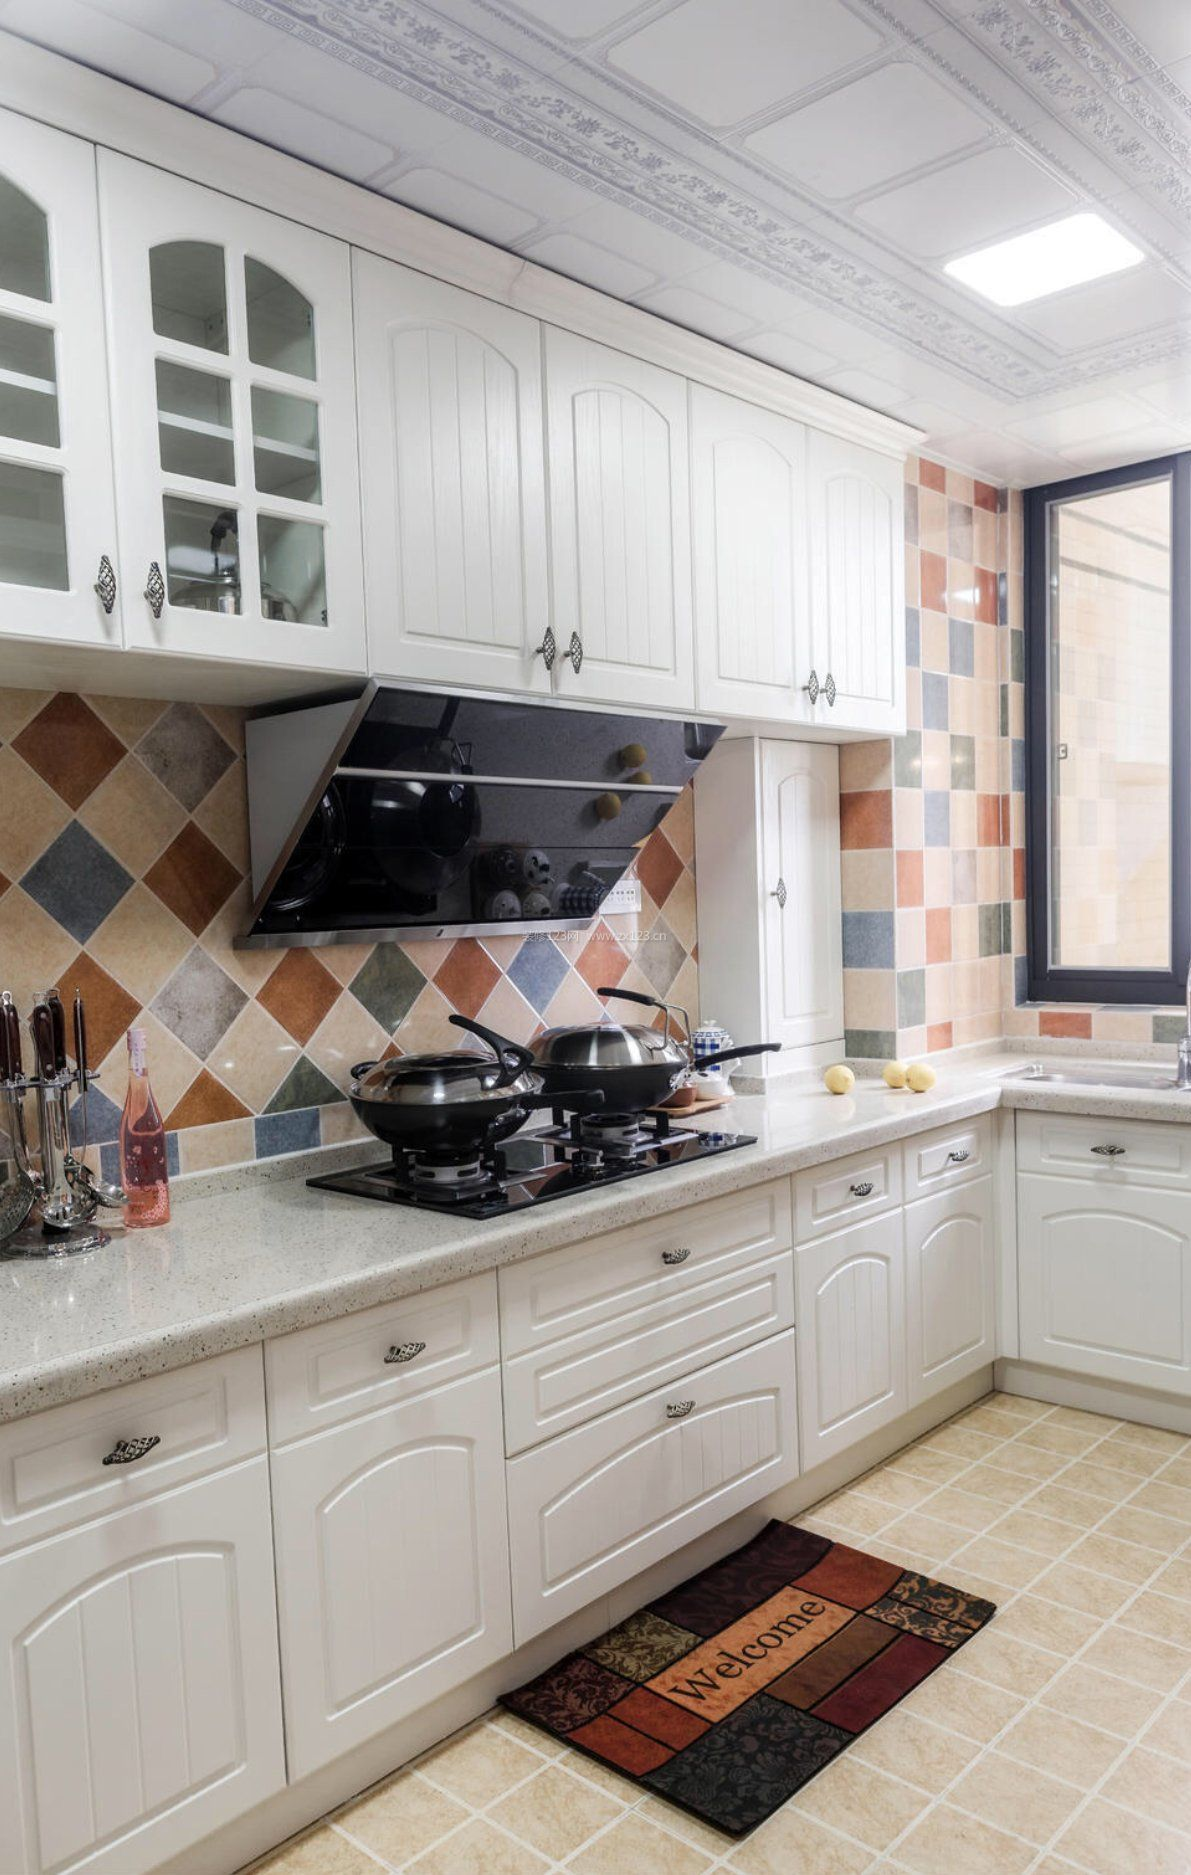 2017地中海风格厨房墙砖拼花贴图